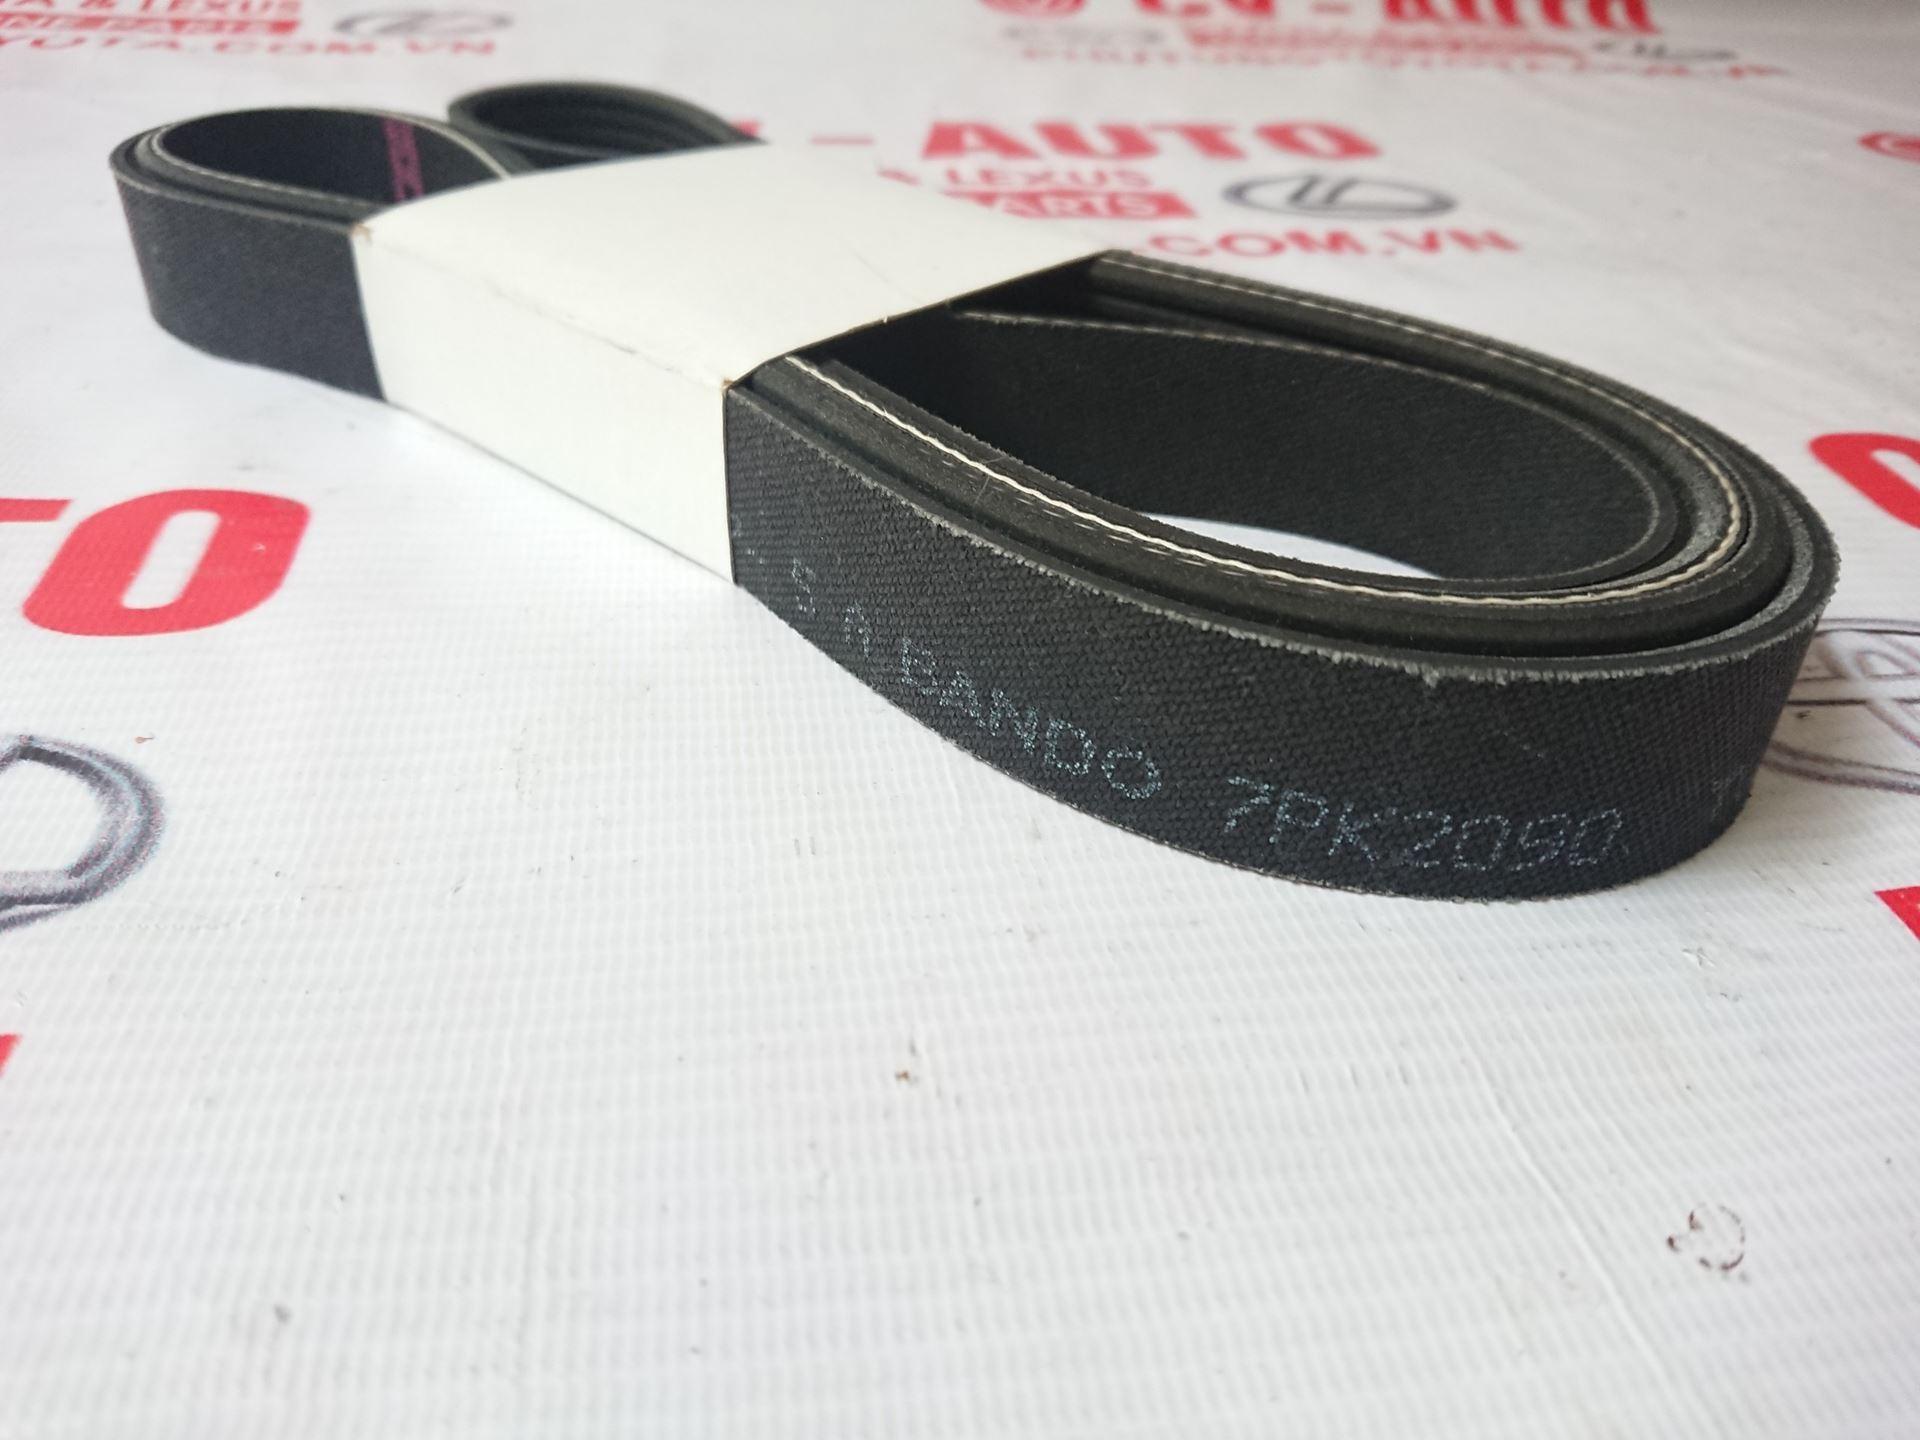 Picture of 90916-A2010 90916-C2090 7PK2090 Dây curoa tổng động cơ 3.5 2GR chính hãng 7PK2090